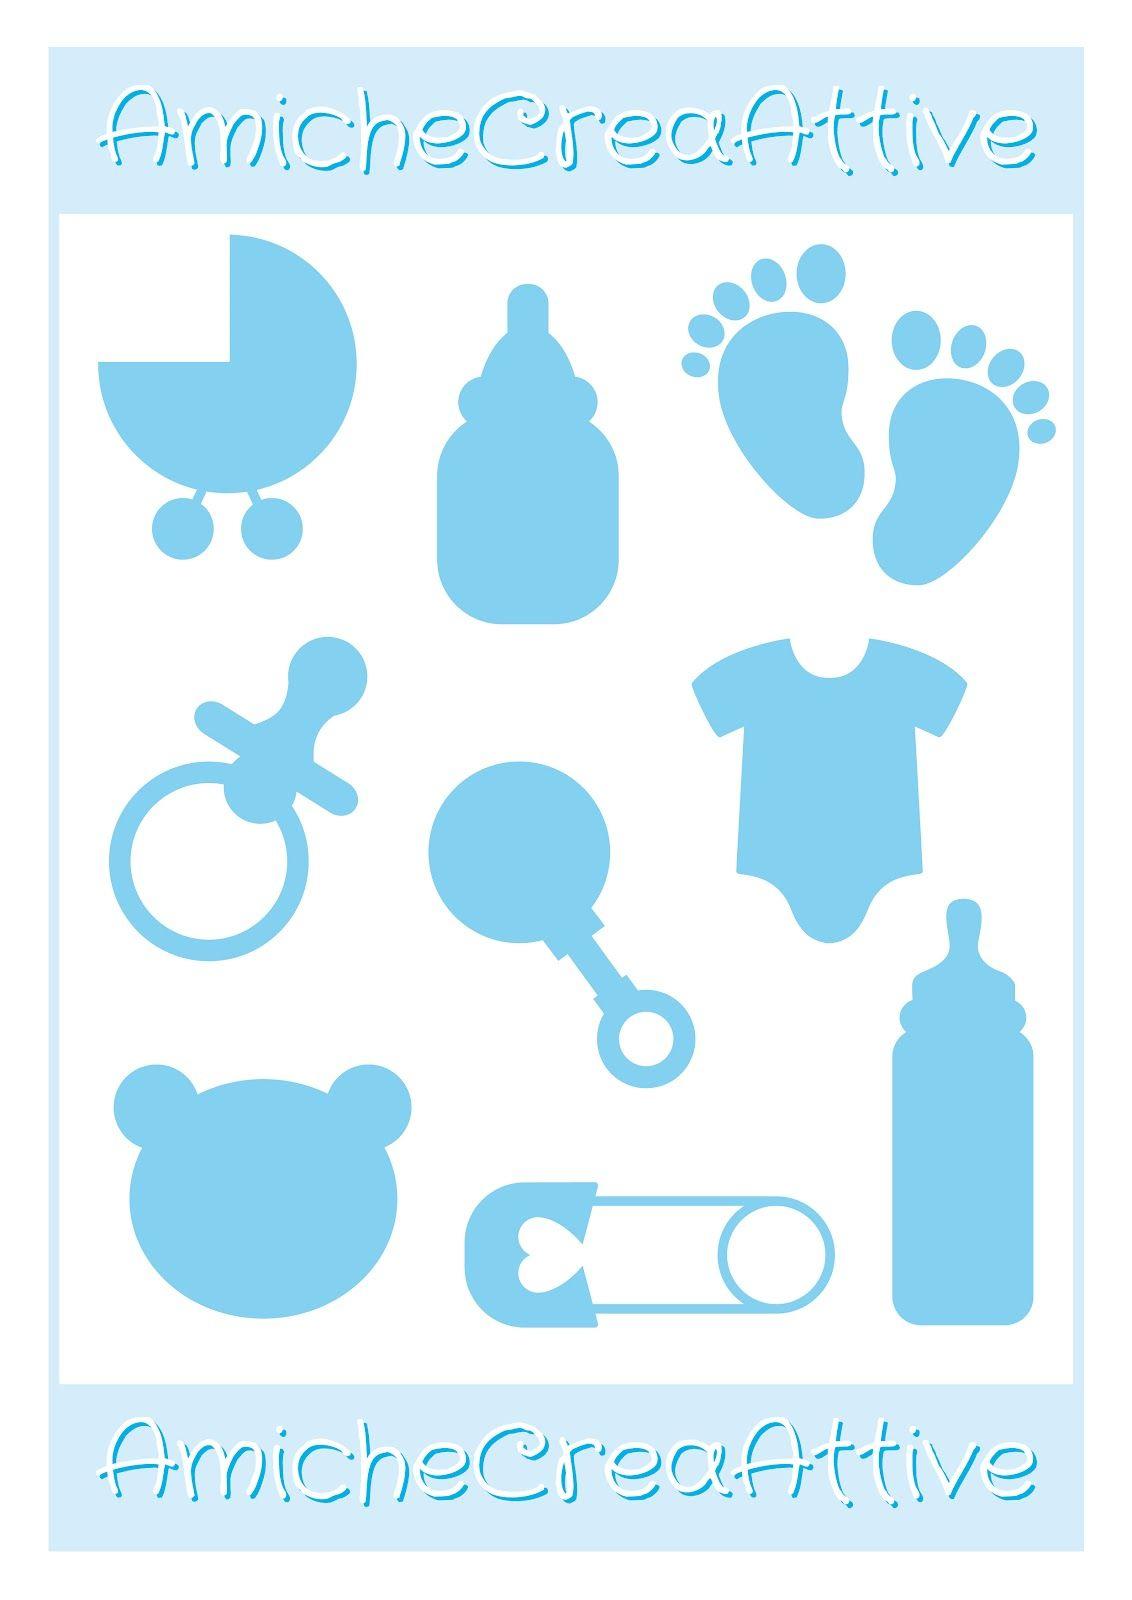 baby boy printables - AmicheCreaAttive | Cricut | Pinterest ...